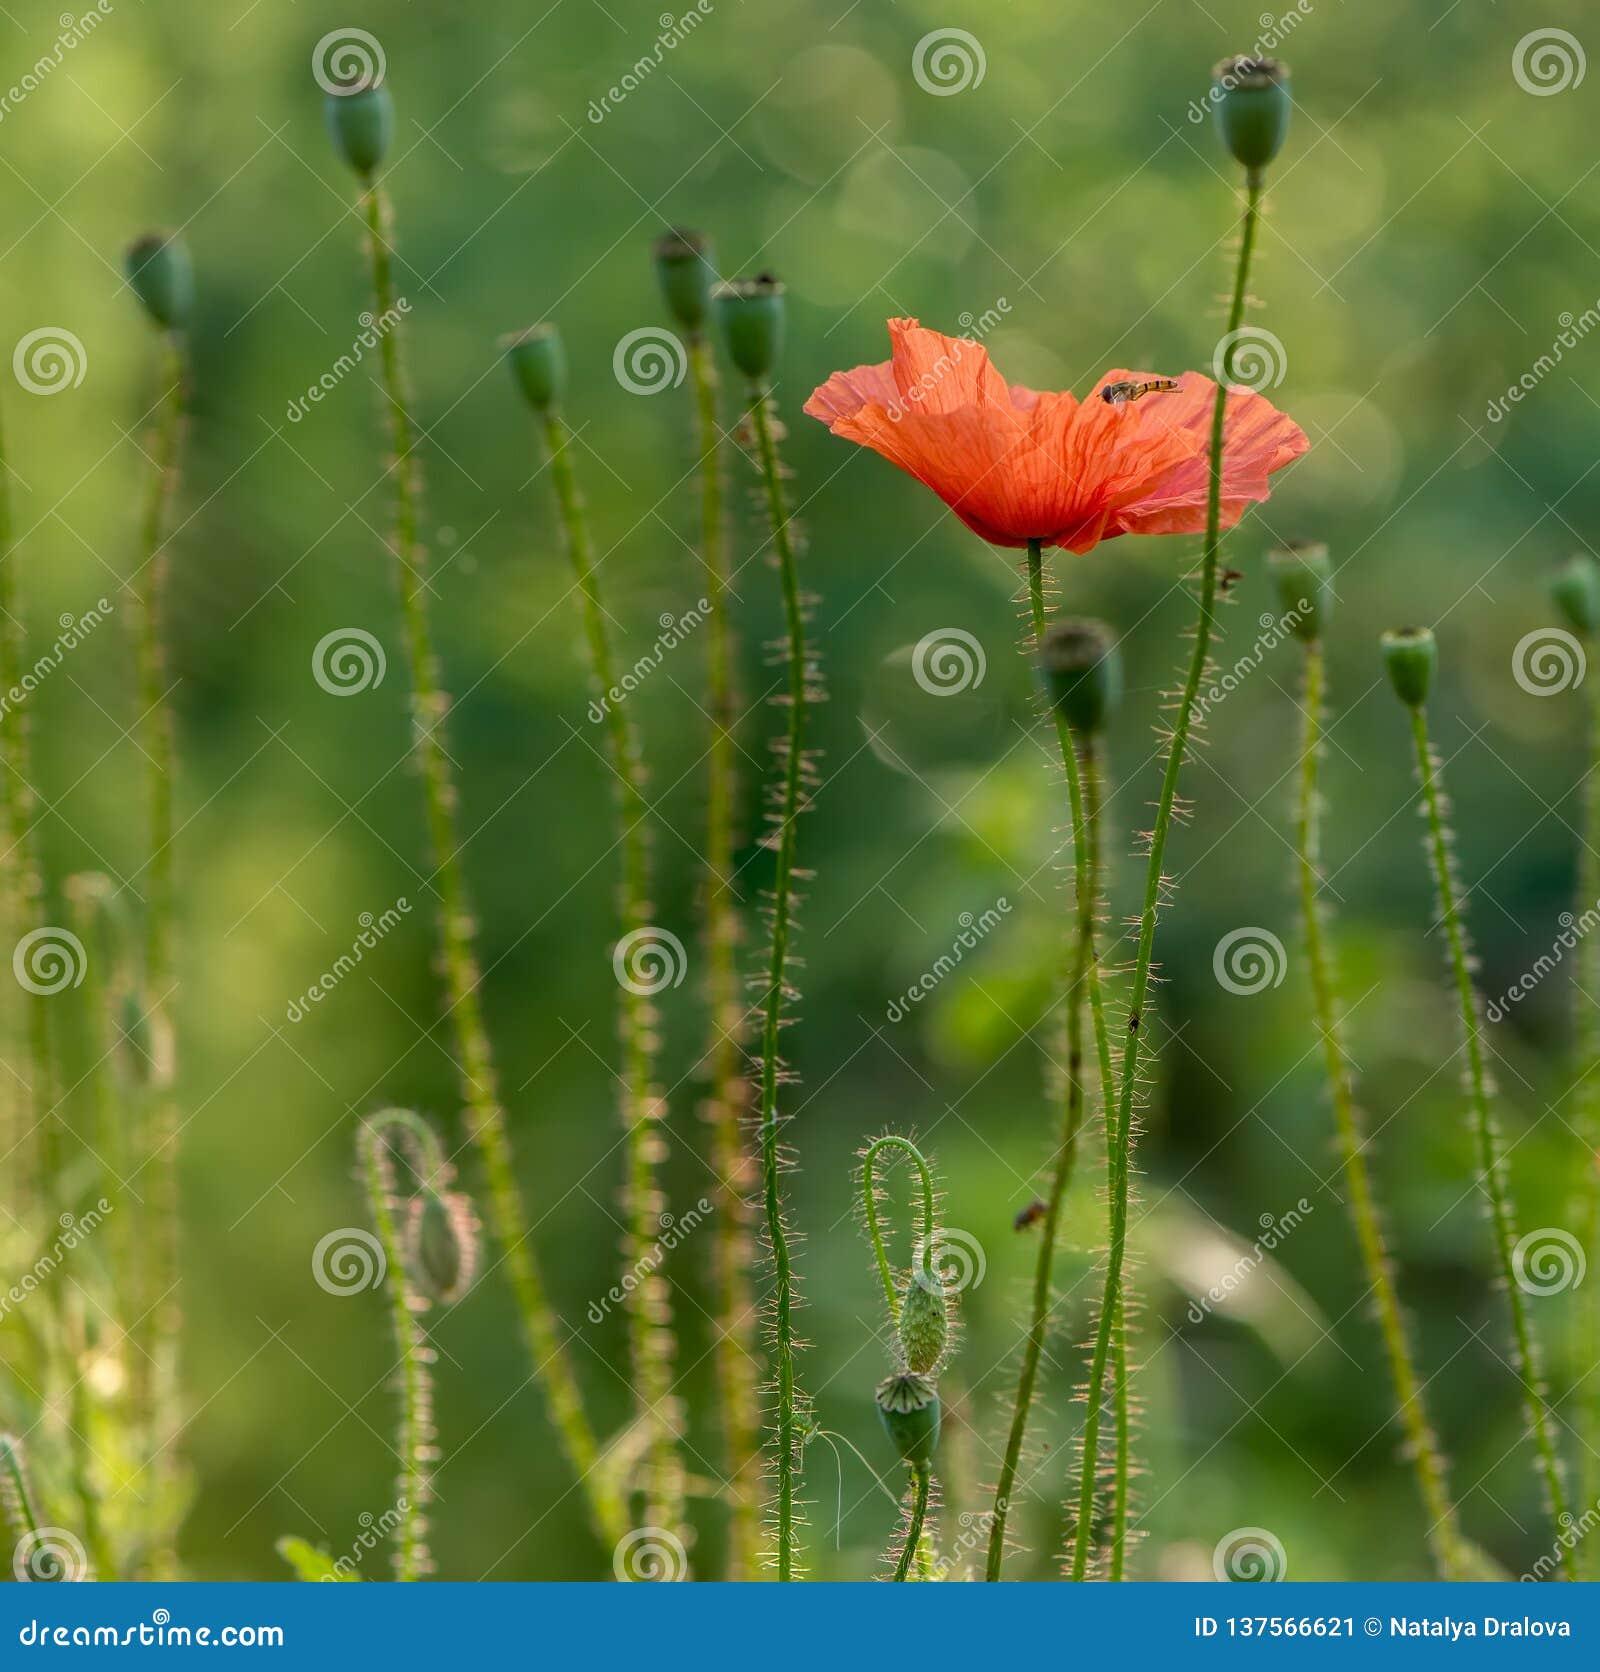 Flowers common poppy